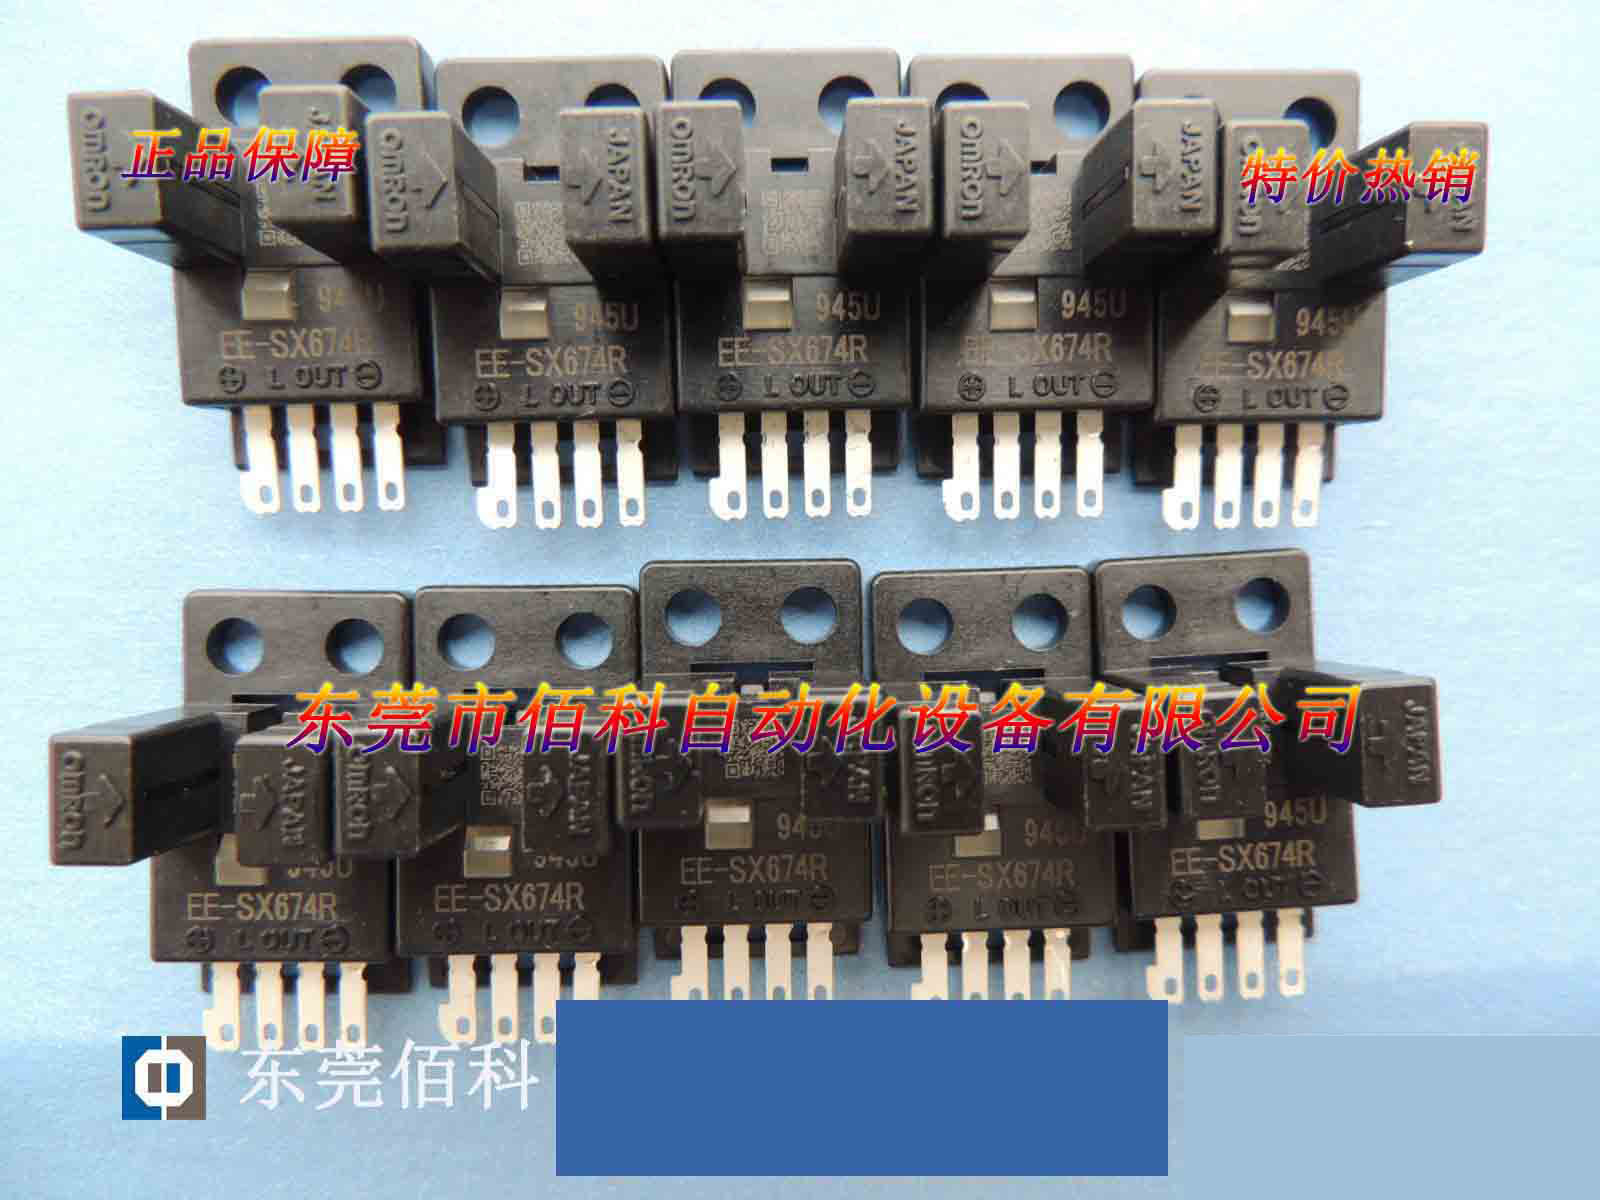 Prix spécial nouveau original Omron interrupteur photoélectrique EE-SX674R